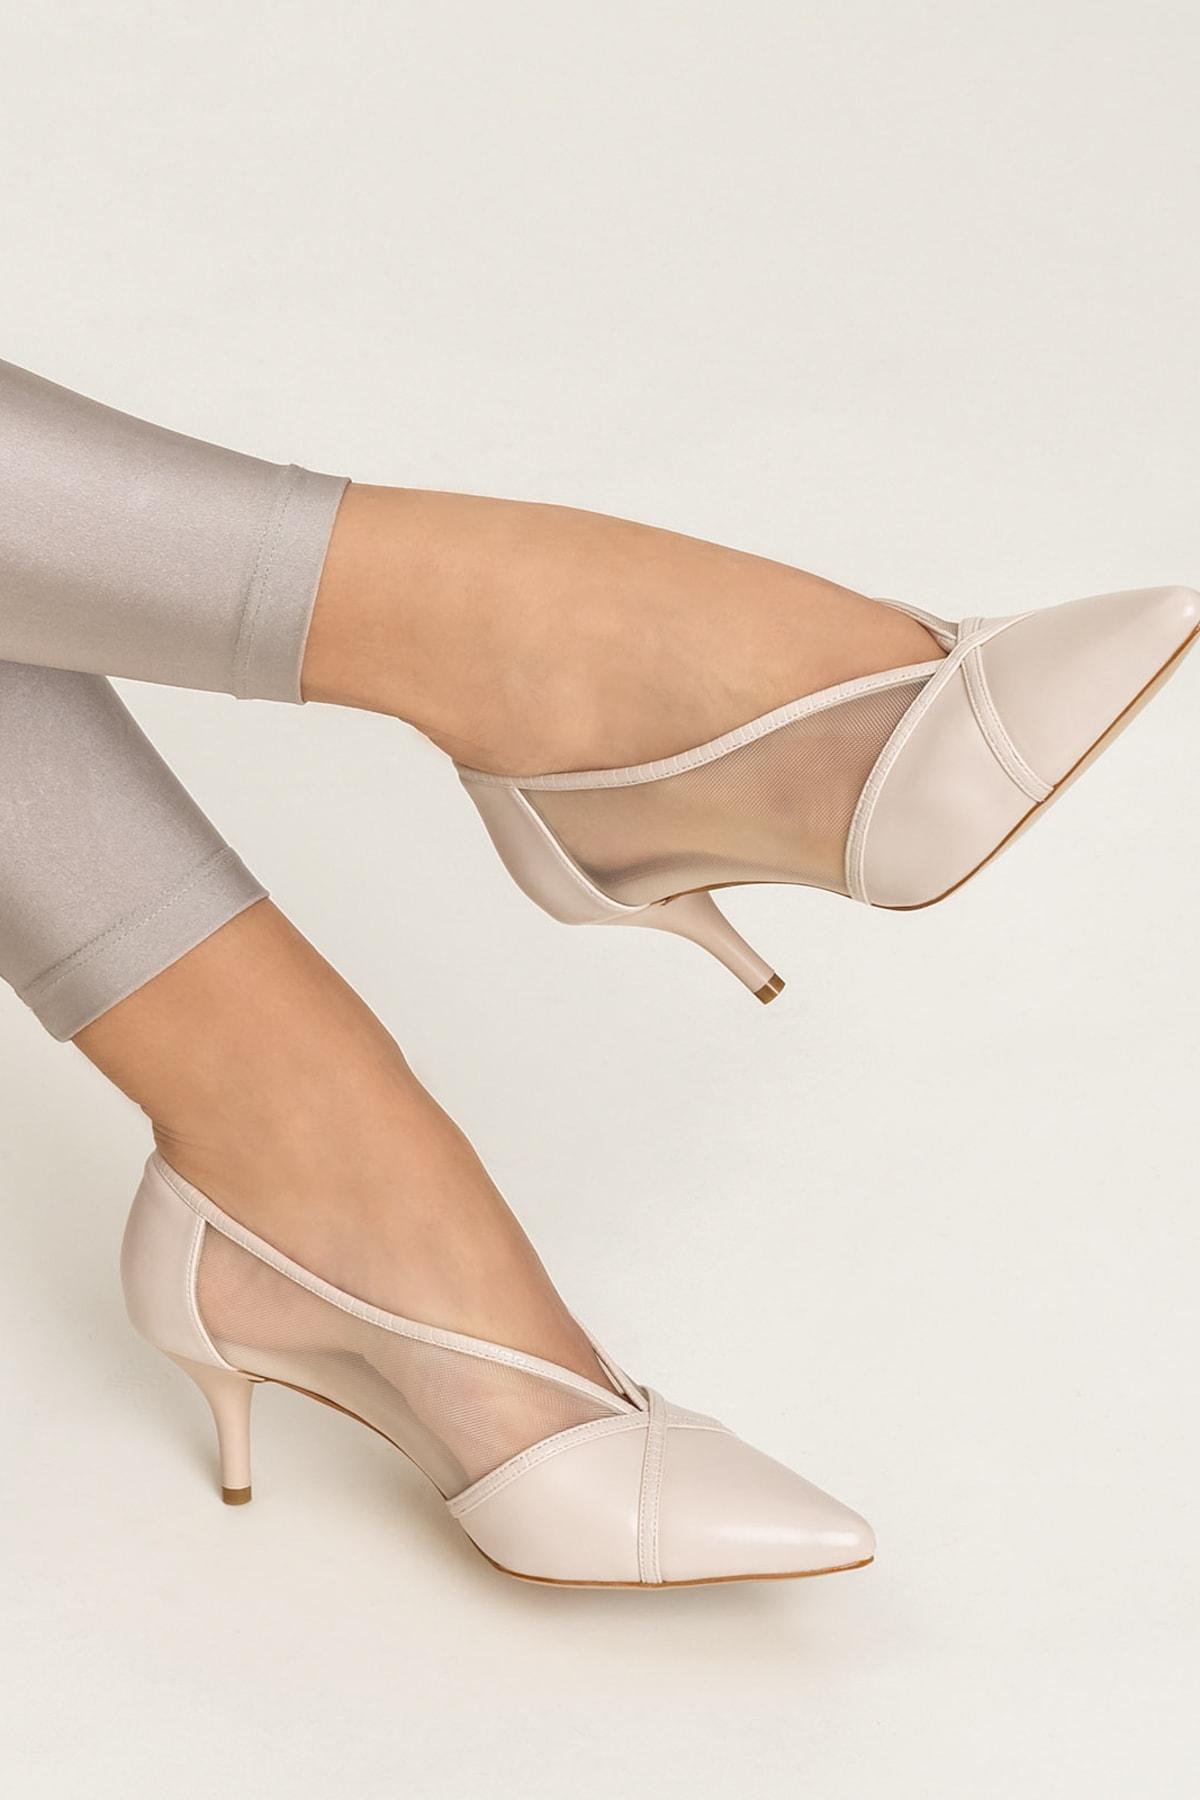 Elle Shoes MIKENNAA Bej Kadın Ayakkabı 1